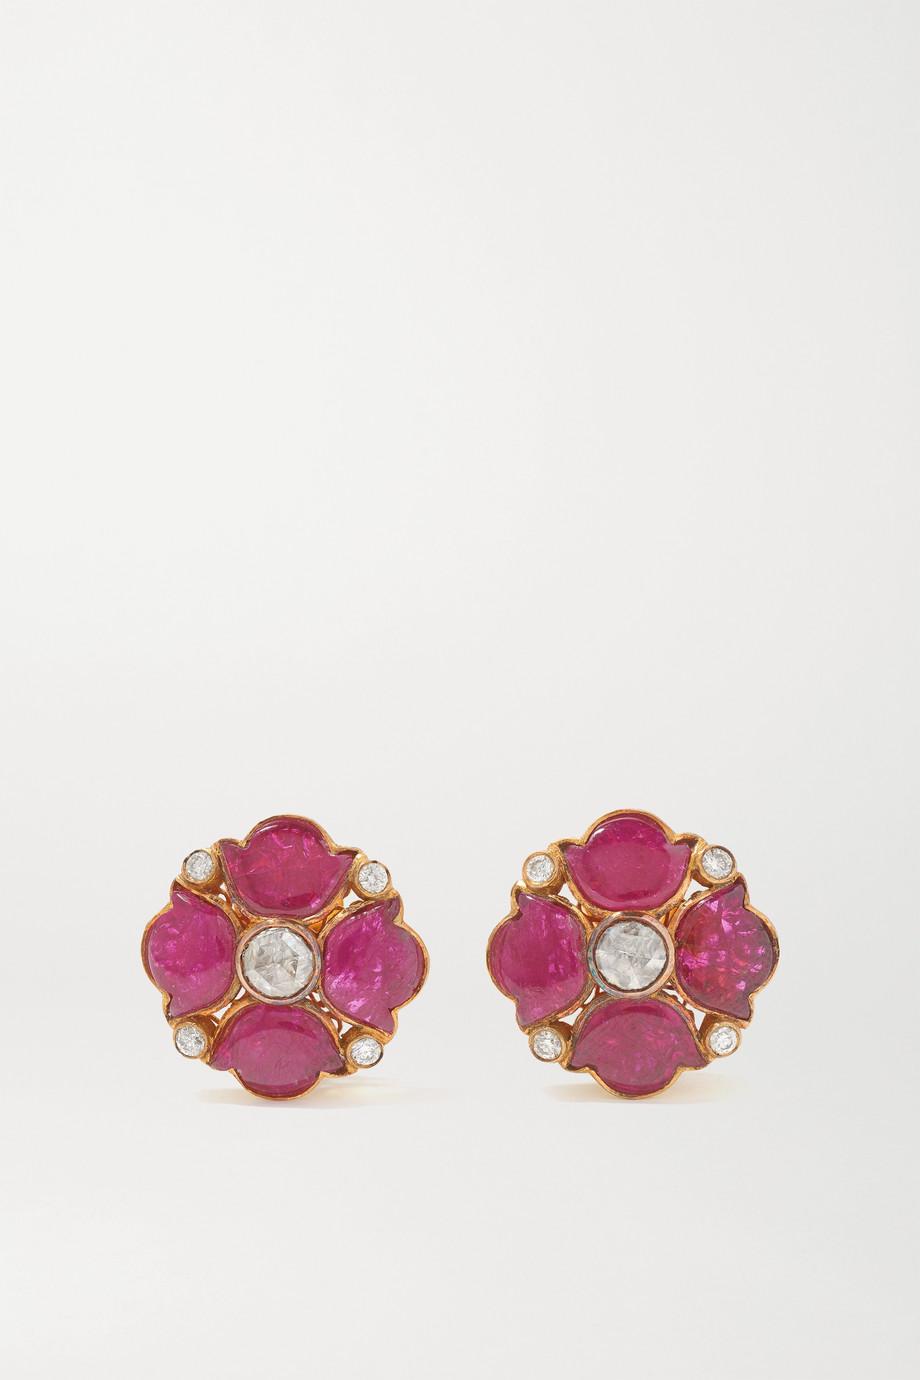 Amrapali Boucles d'oreilles en or 18 carats, rubis et diamants